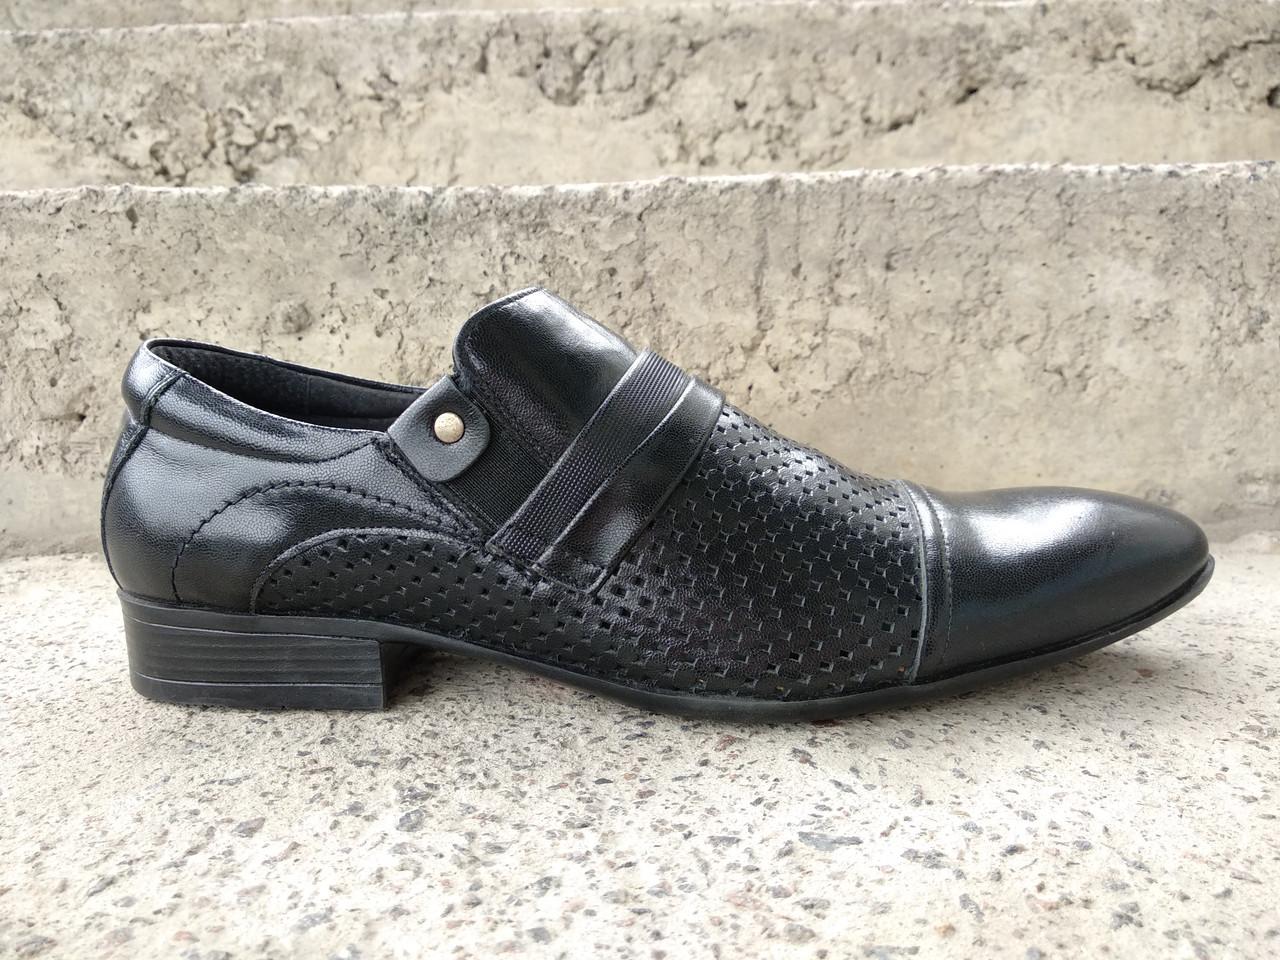 dfb3fd08fe3cc3 Туфлі літні Pan Кожаная качественная обувь! Остання пара 40 розмір! -  Магазин чоловічого взуття